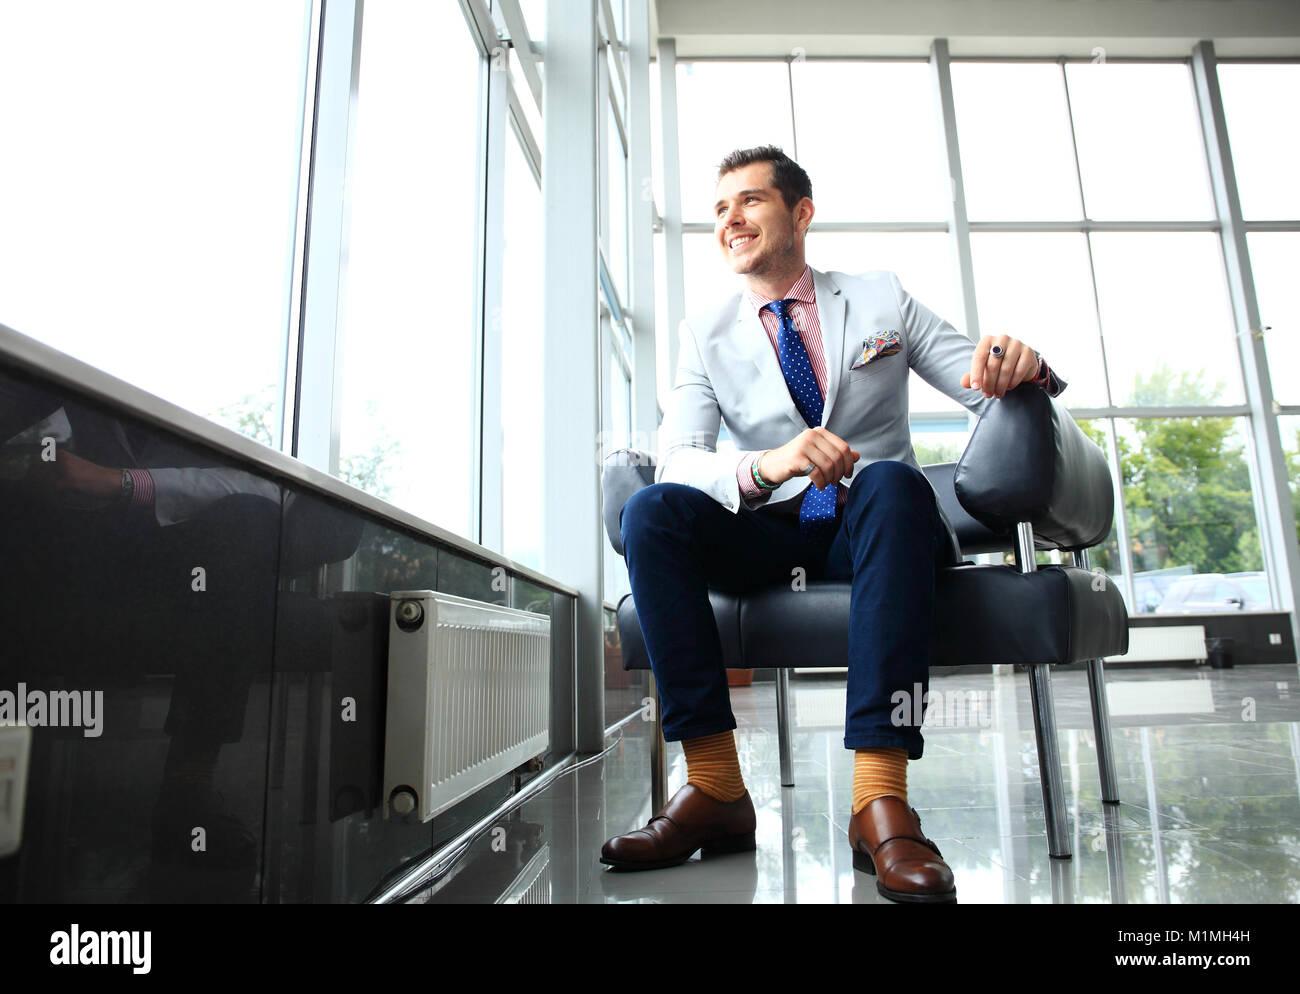 Bassa angolazione di un bel giovane imprenditore in un elegante e moderno spazio per uffici con grandi finestre. Immagini Stock